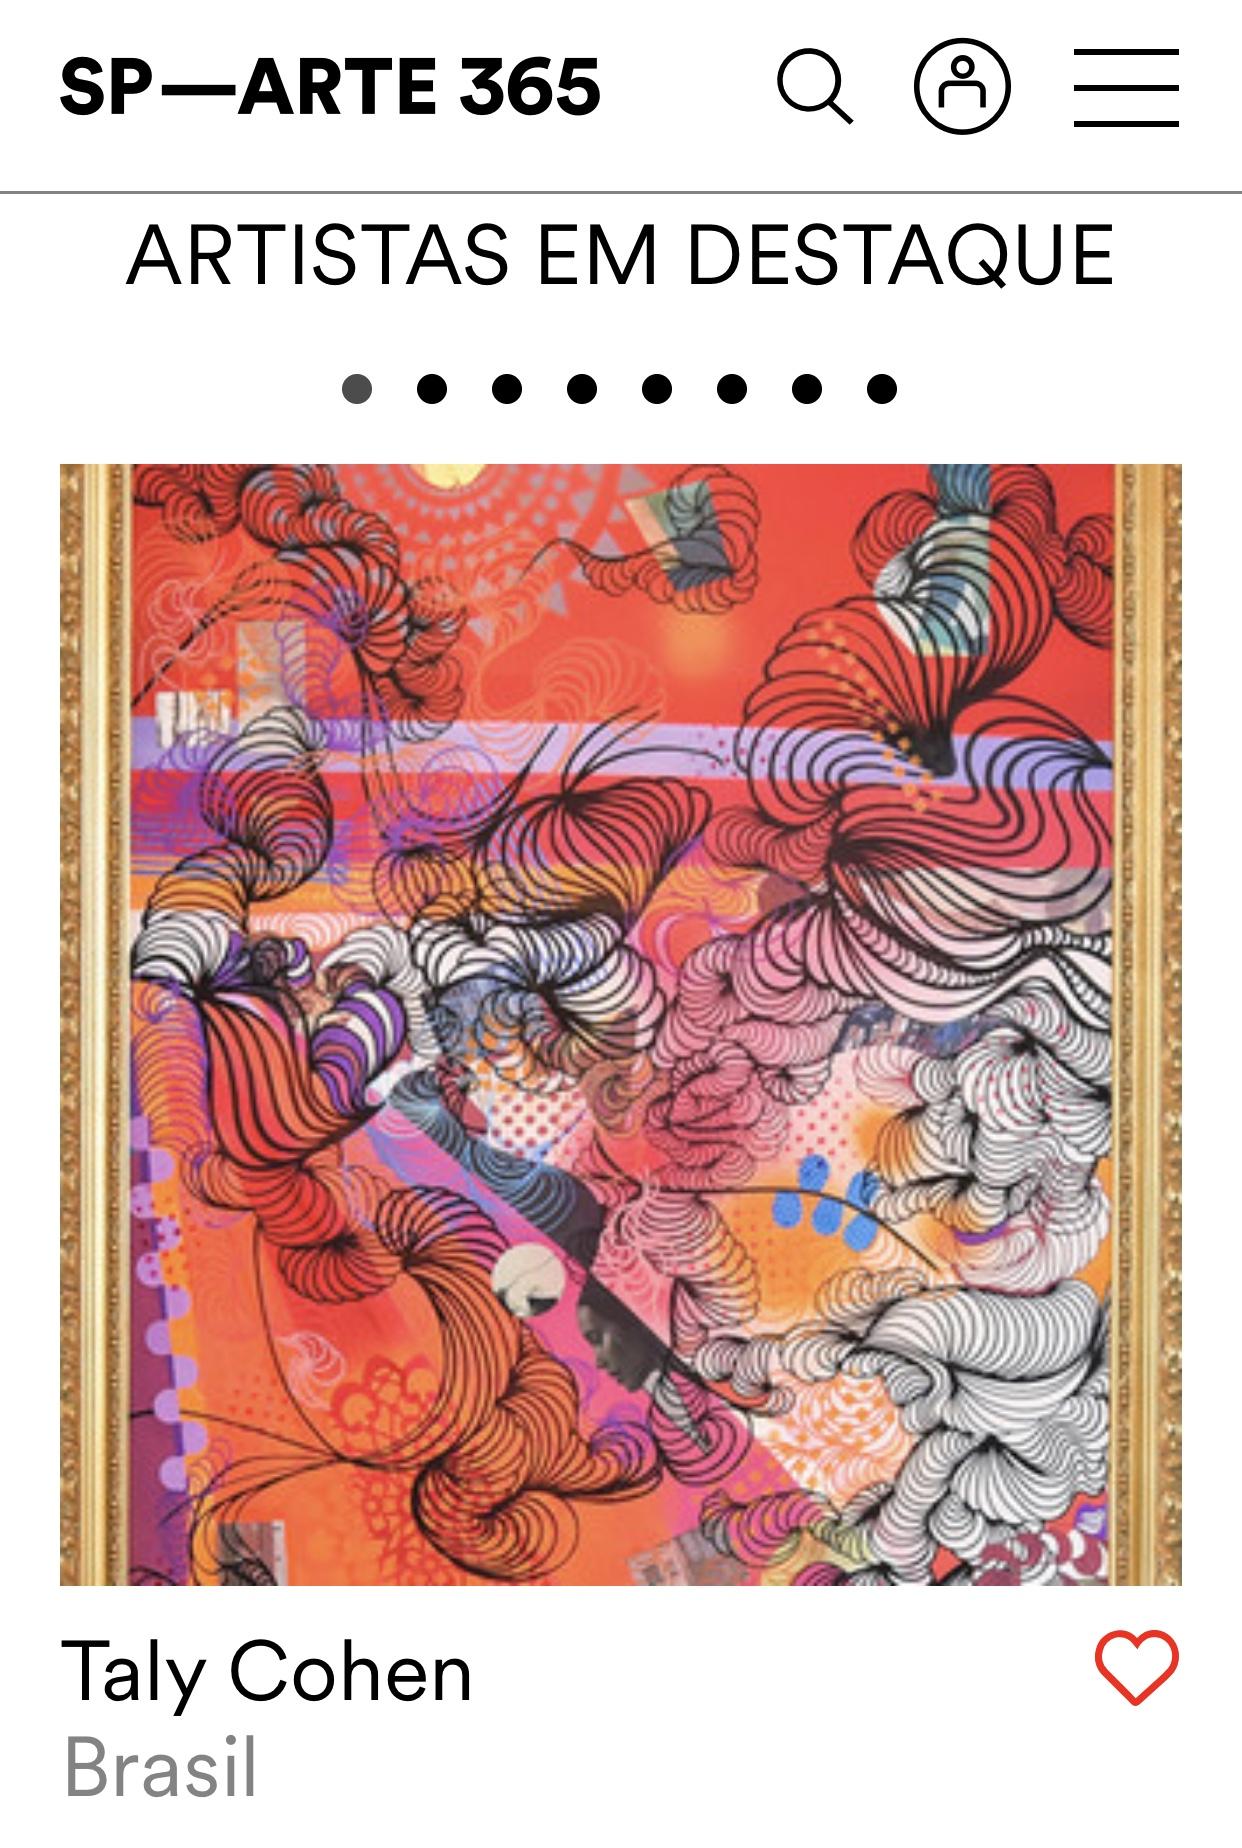 Artistas em Destaque | SP-ARTE